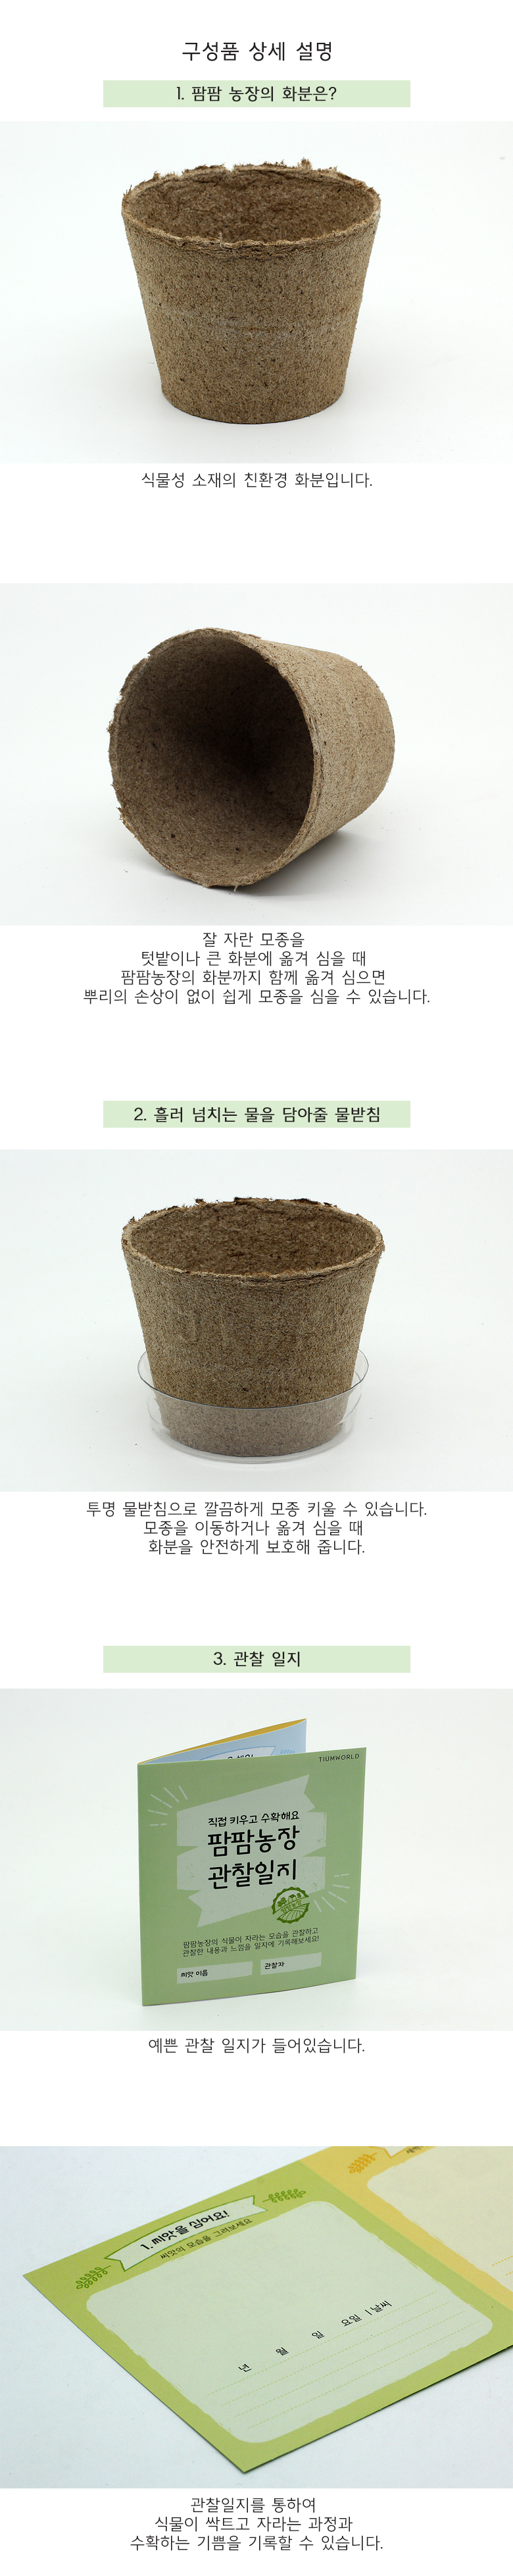 팜팜농장_강낭콩 모종키우기 - 틔움세상, 3,000원, 새싹/모종키우기, 새싹 키우기